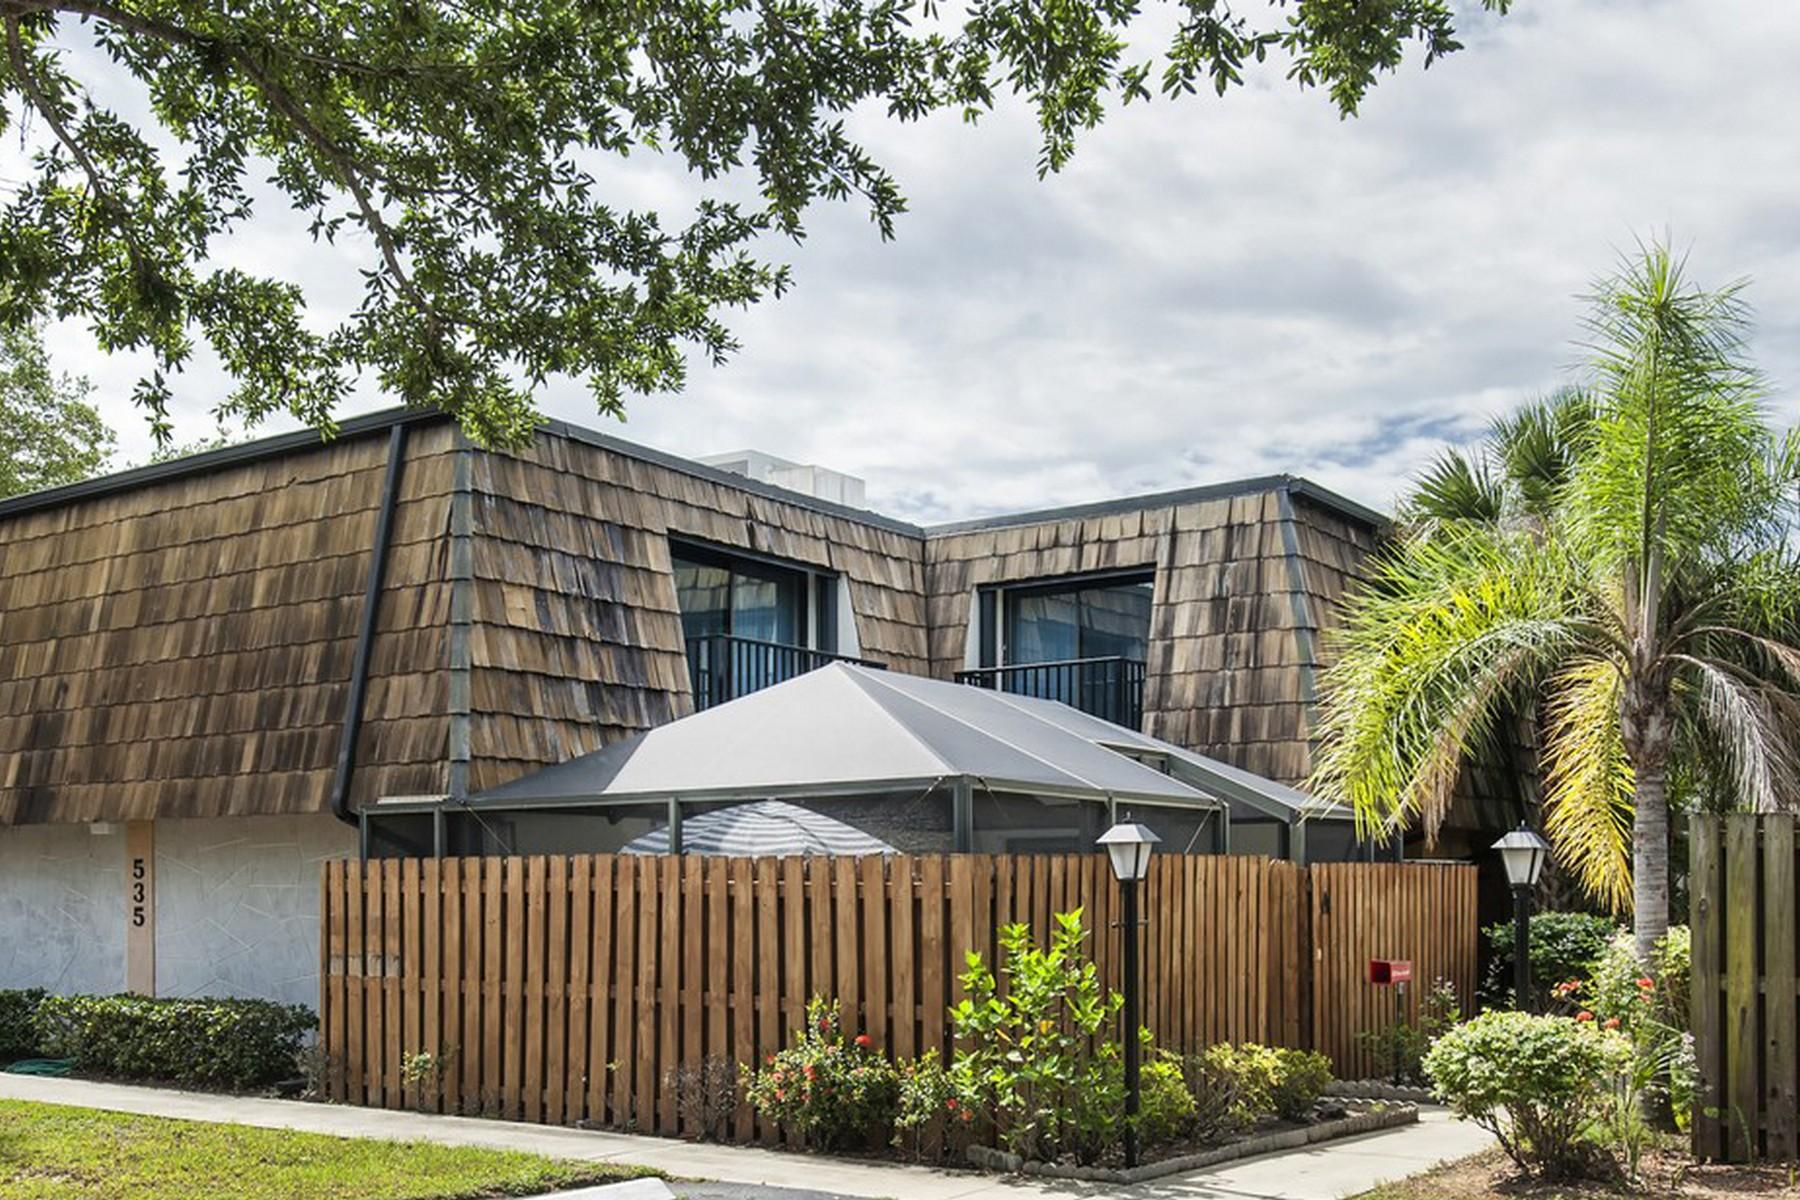 Condomínio para Venda às Lovely turnkey condo in Waverly Place 535 Tropic Lane Unit 7A Vero Beach, Florida 32960 Estados Unidos